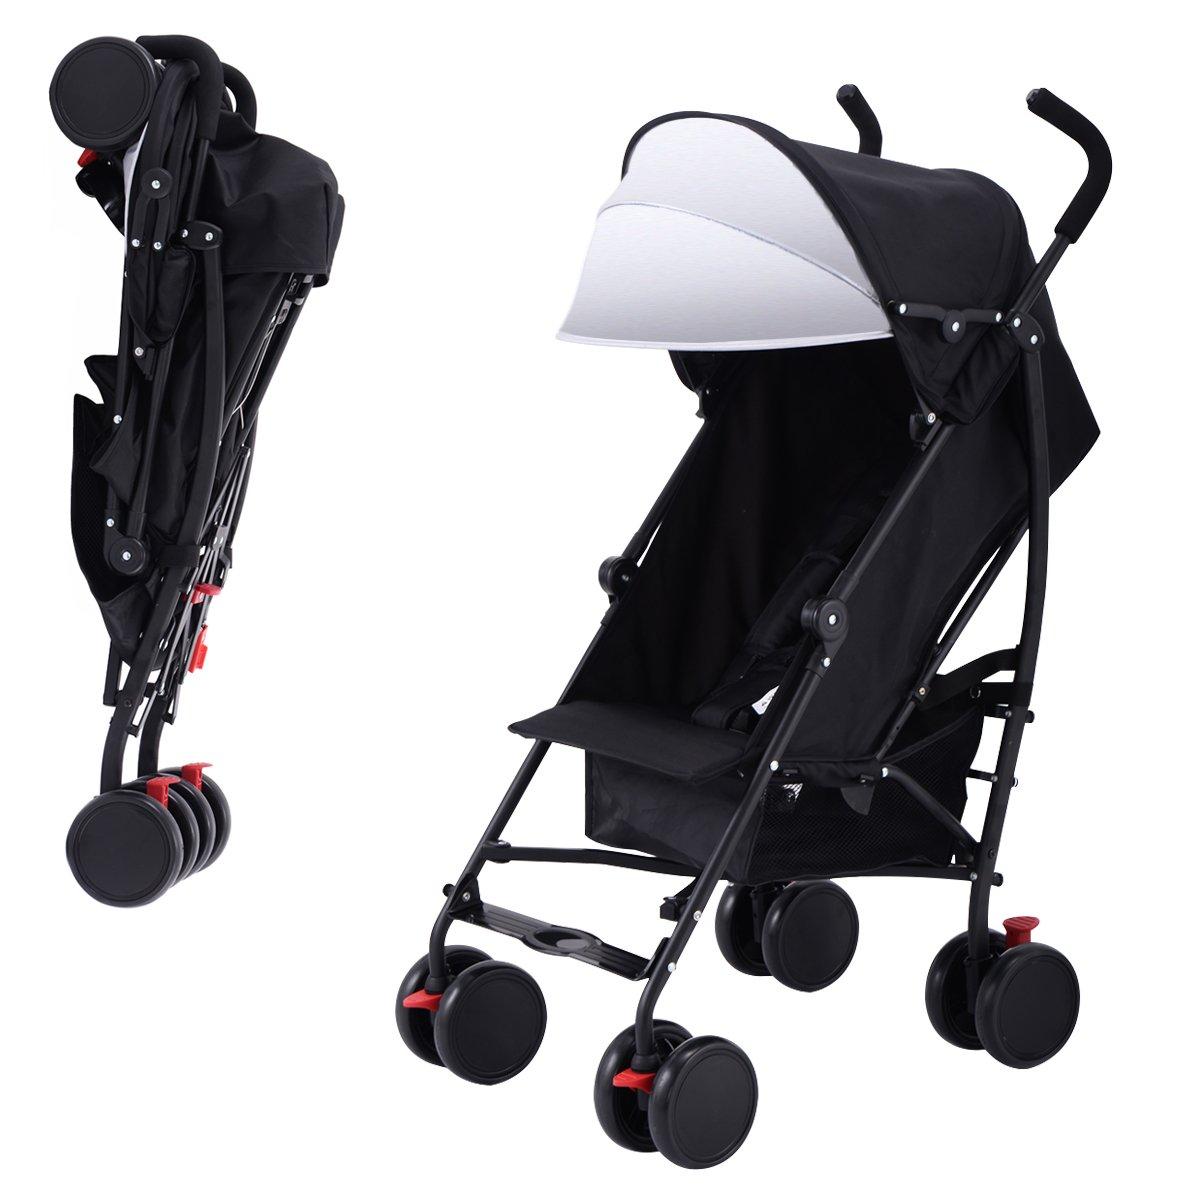 Costzon Umbrella Stroller Lightweight Baby Toddler Pushchair Travel Jogger w/Storage Basket (Black)